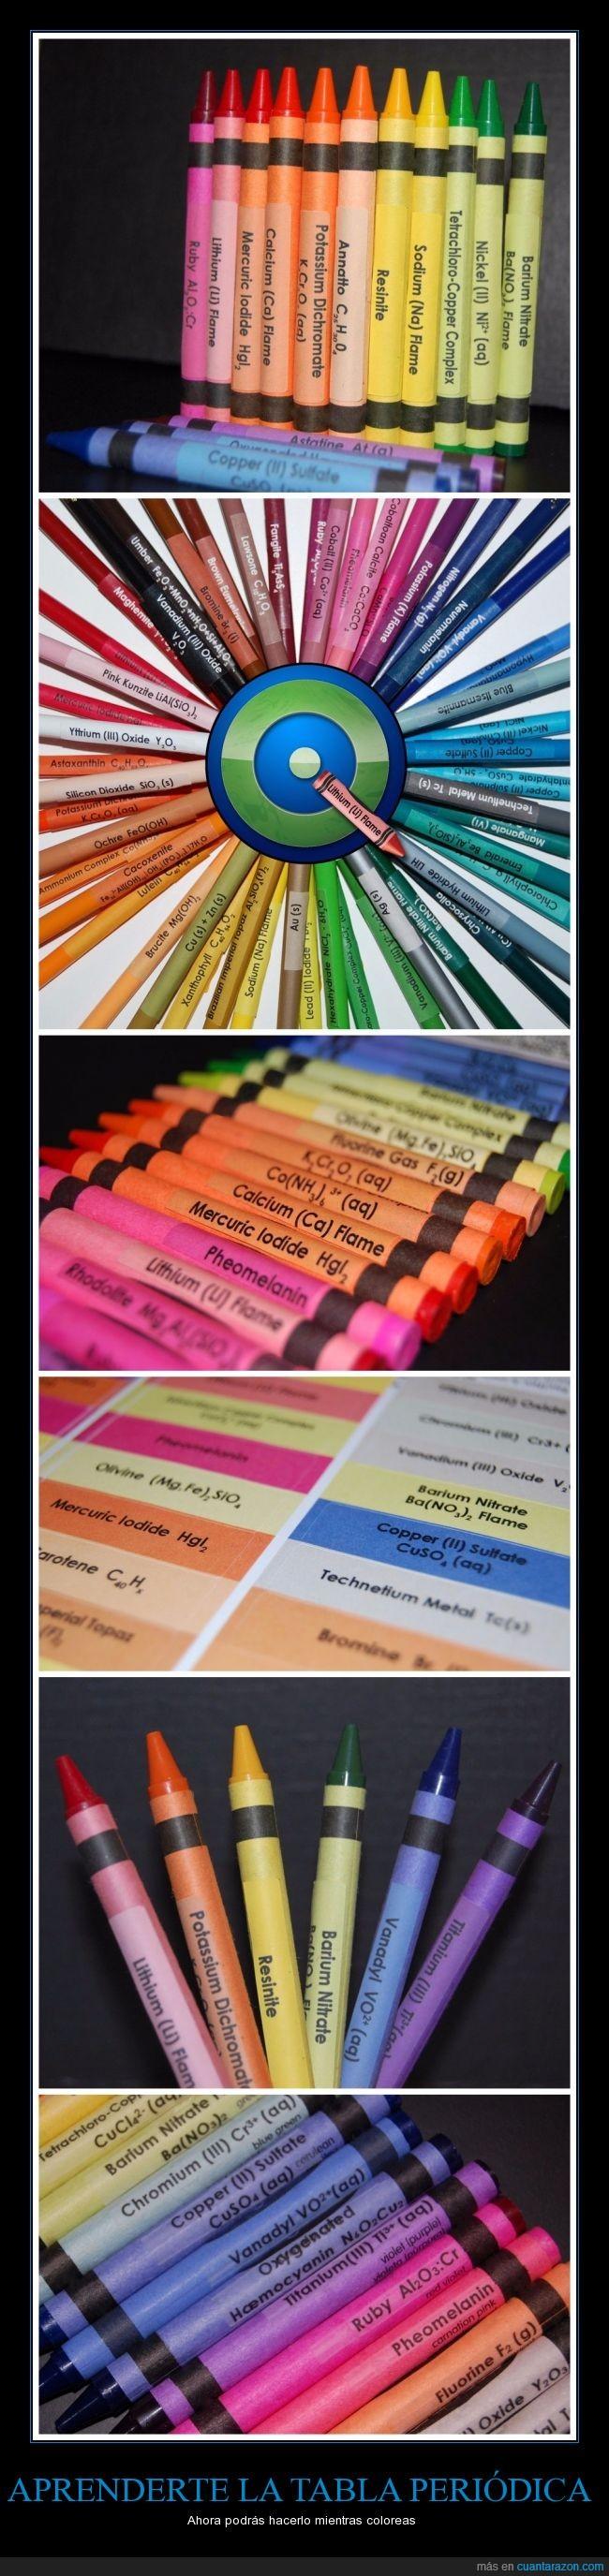 aprender,color,colores,crayola,elemento,etsy,pegatina,periodica,plastidecor,tabla